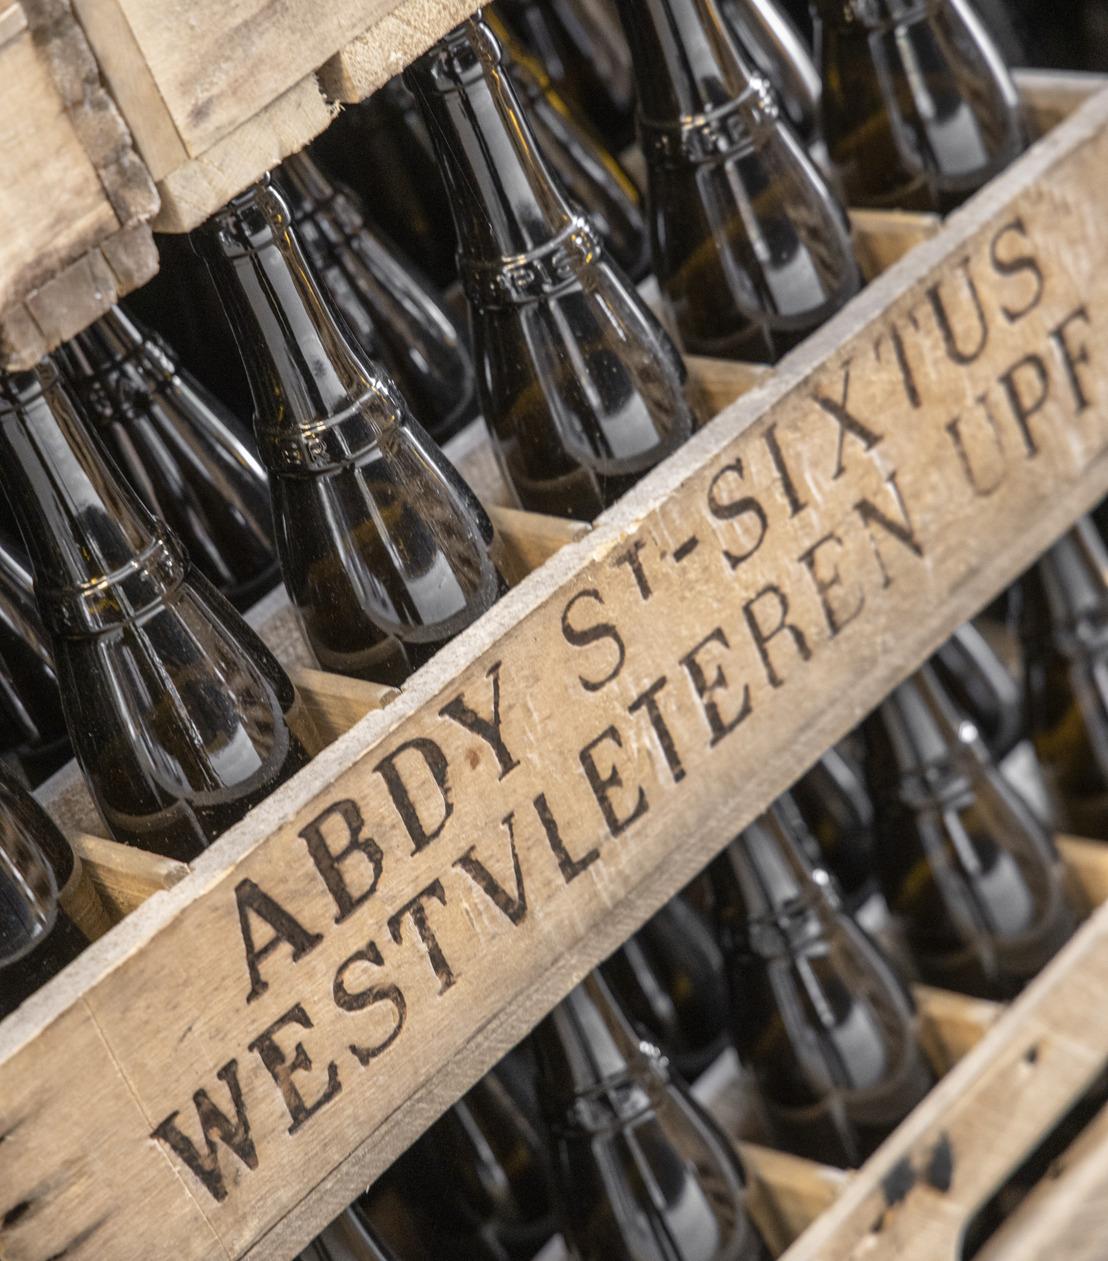 Historiek van de brouwerij